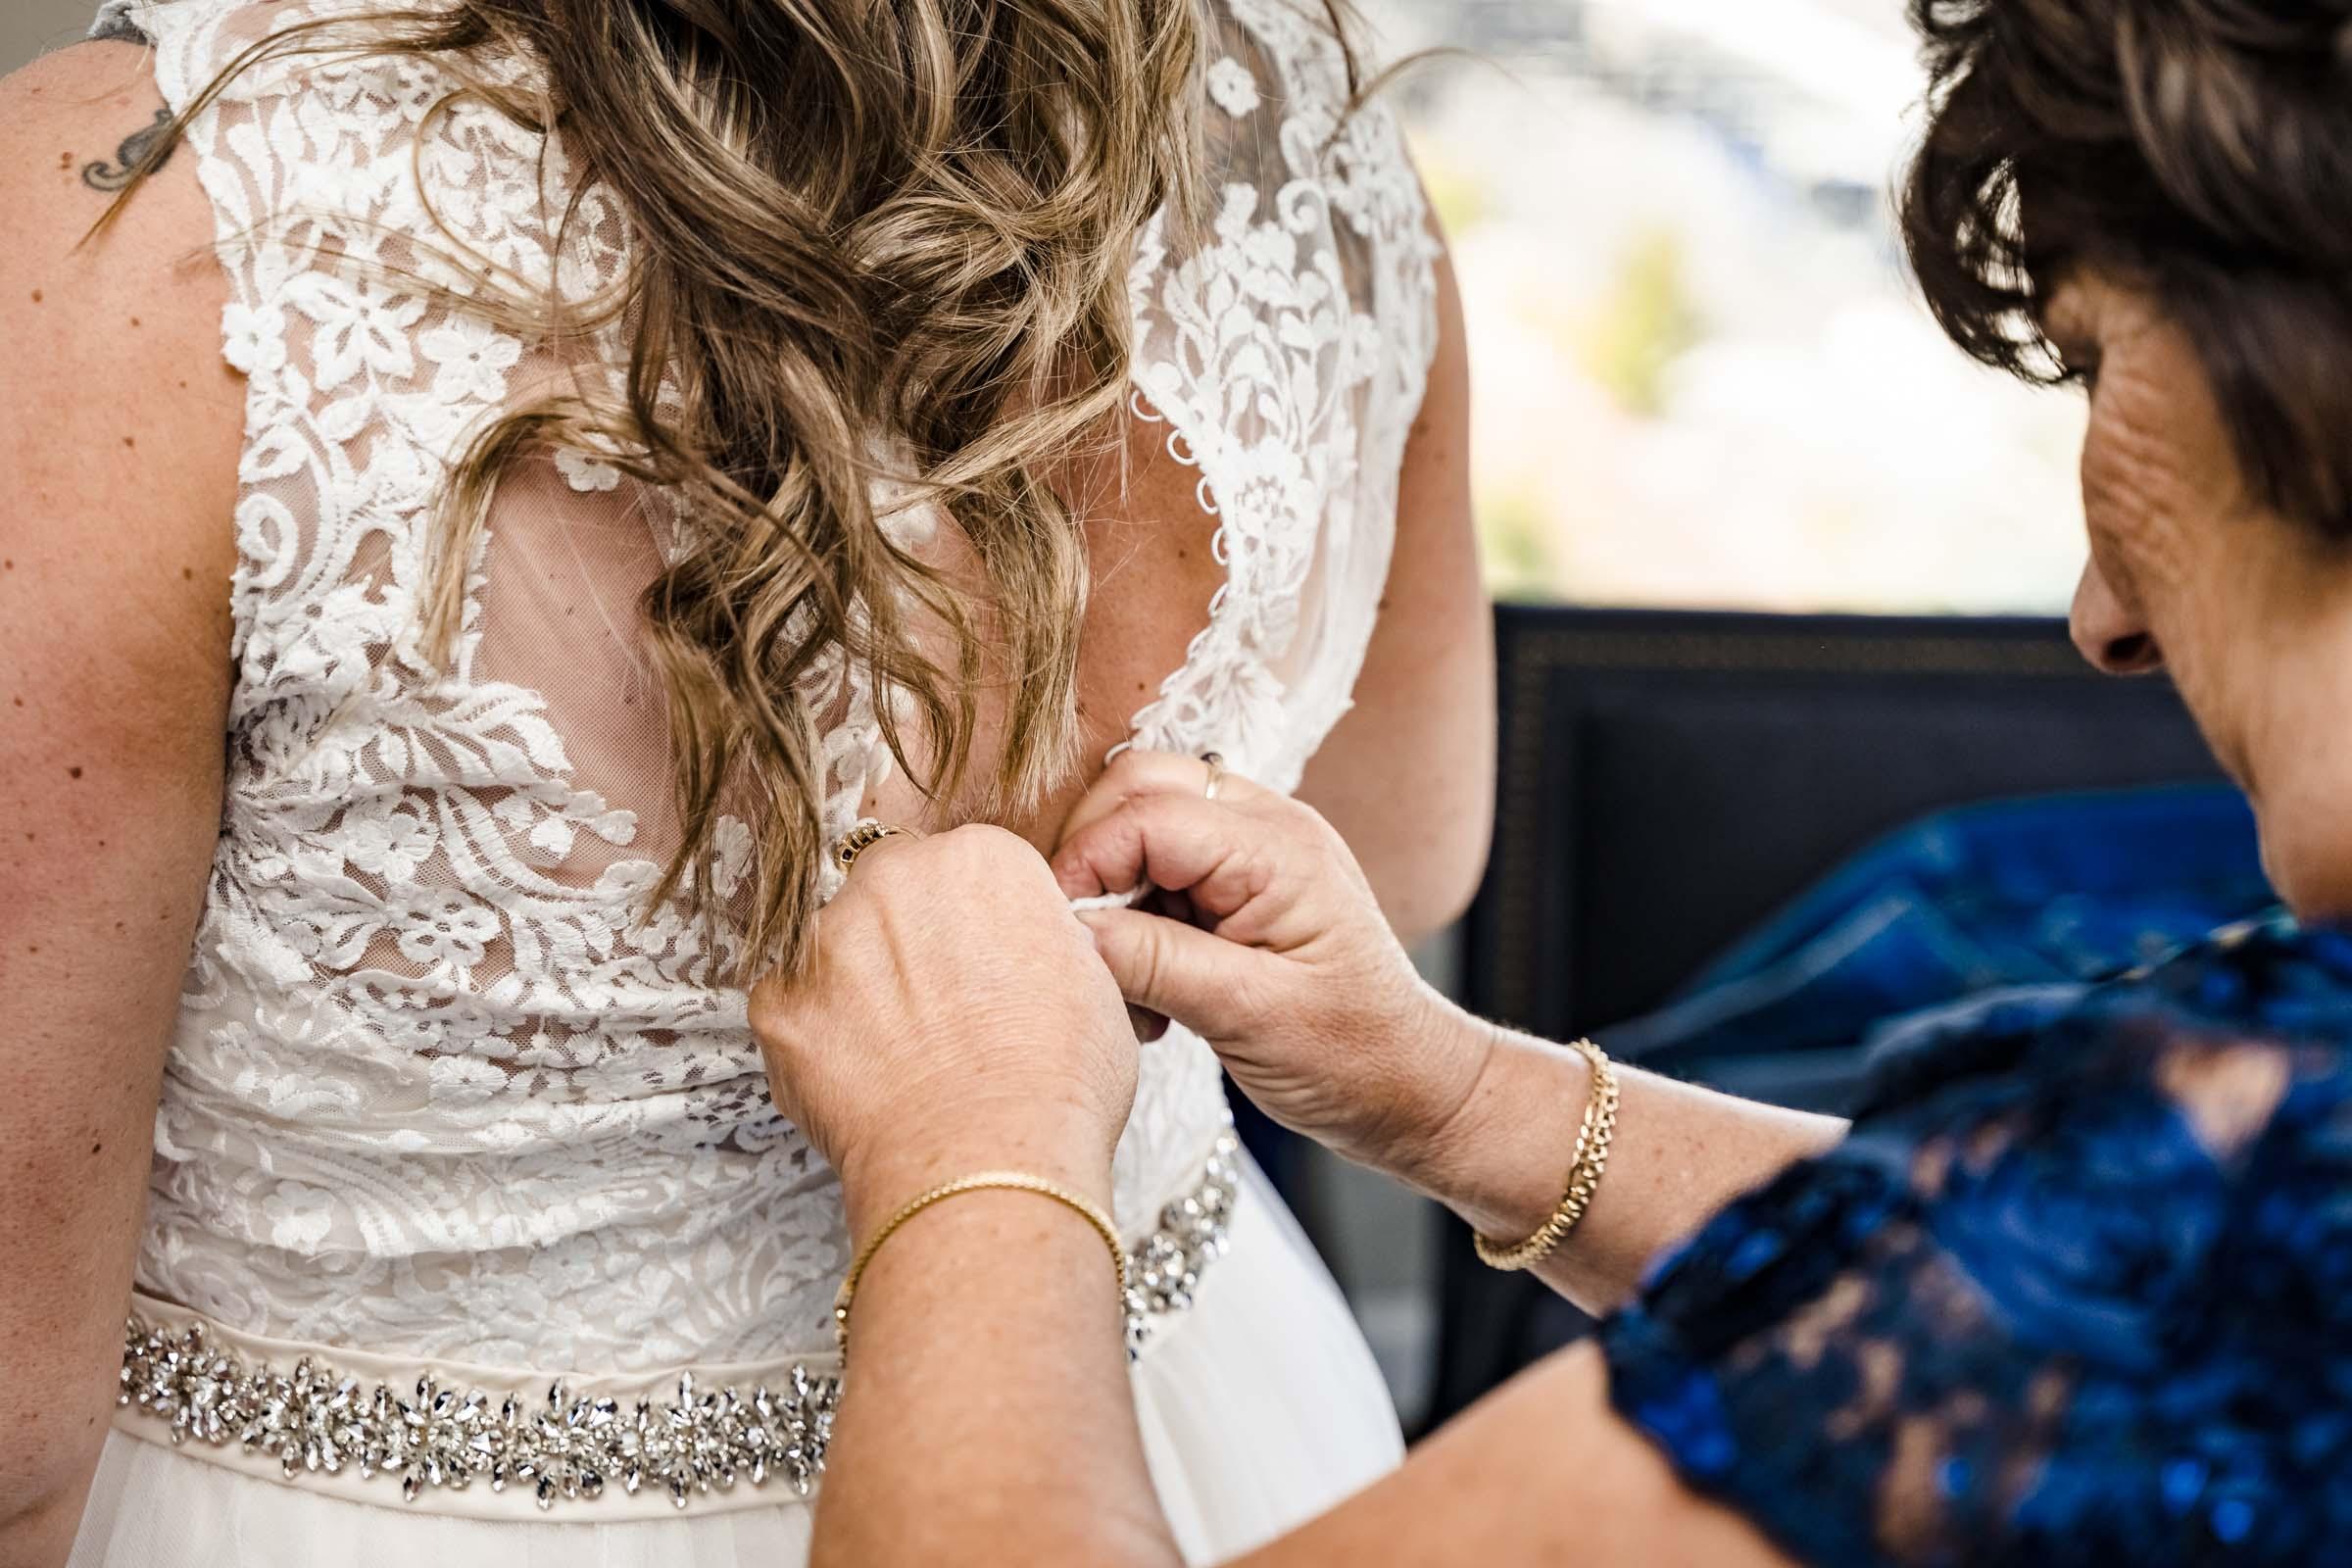 Harveys Harrahs wedding in South Lake Tahoe